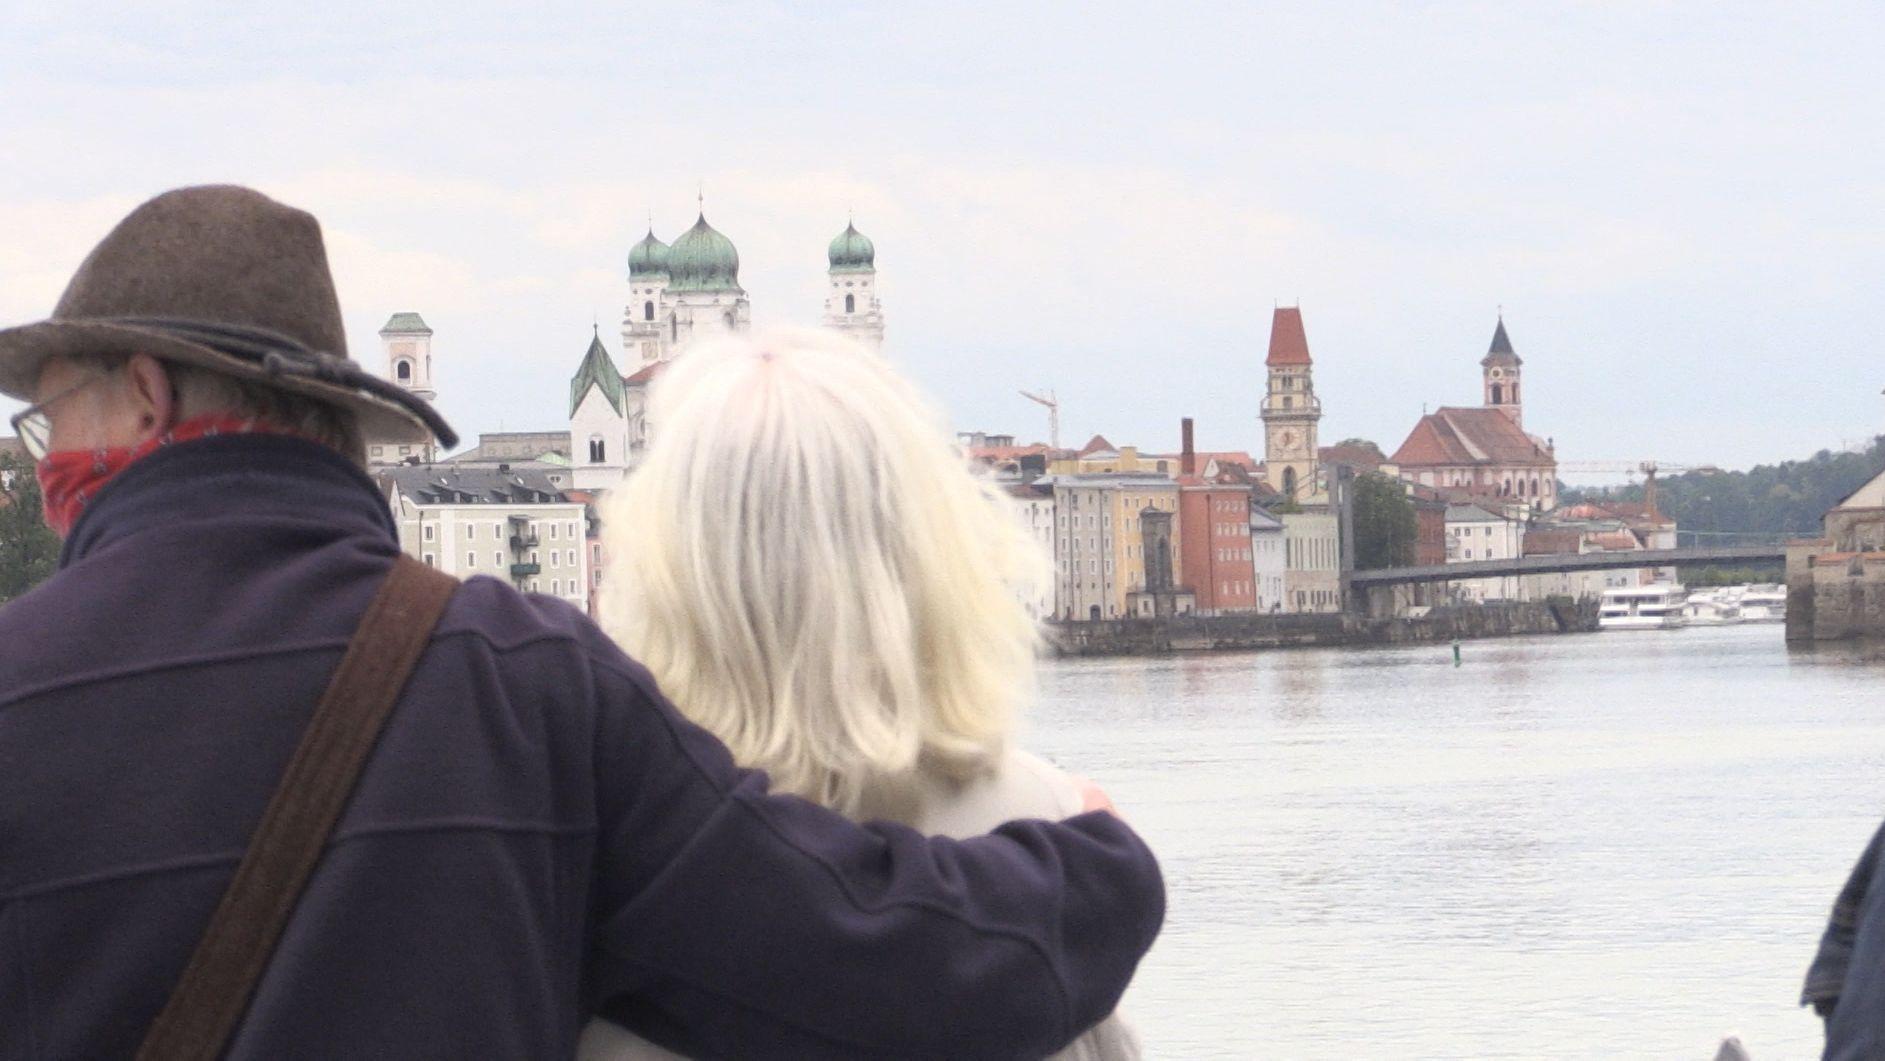 Volle Kraft voraus hieß es heute nach der Corona-Zwangspause auch auf der Donau in Passau